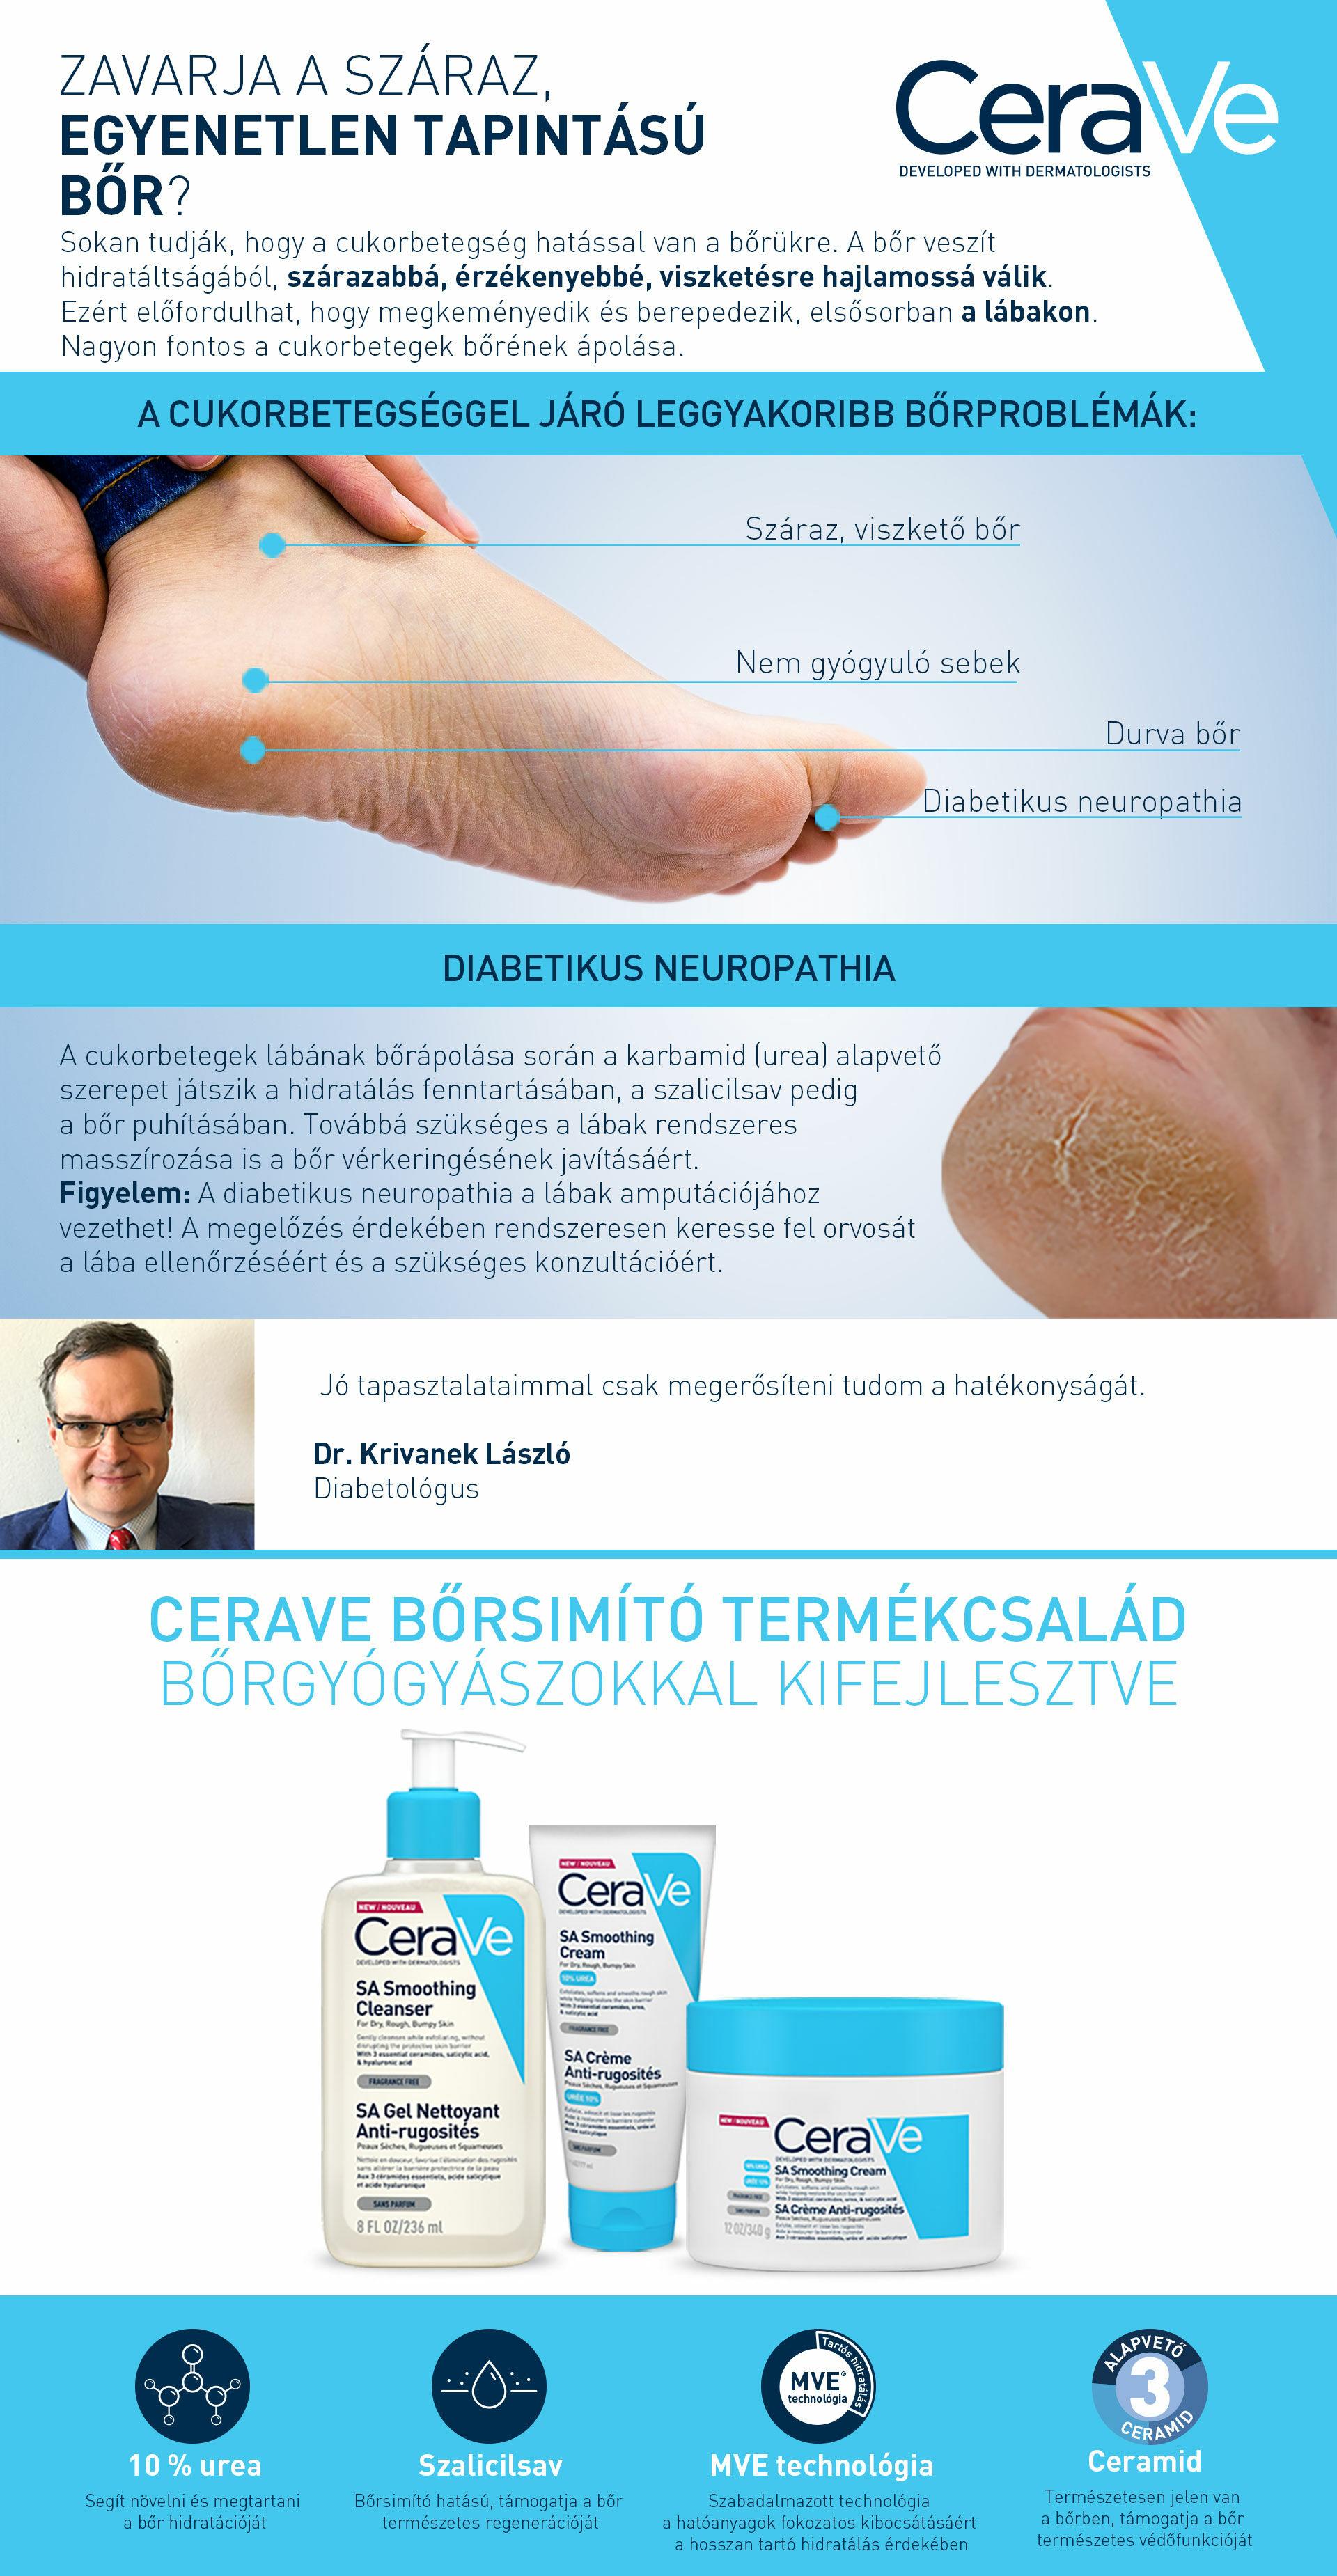 CeraVe SA termékeket javasoljuk diabetikus neuropathia esetén!